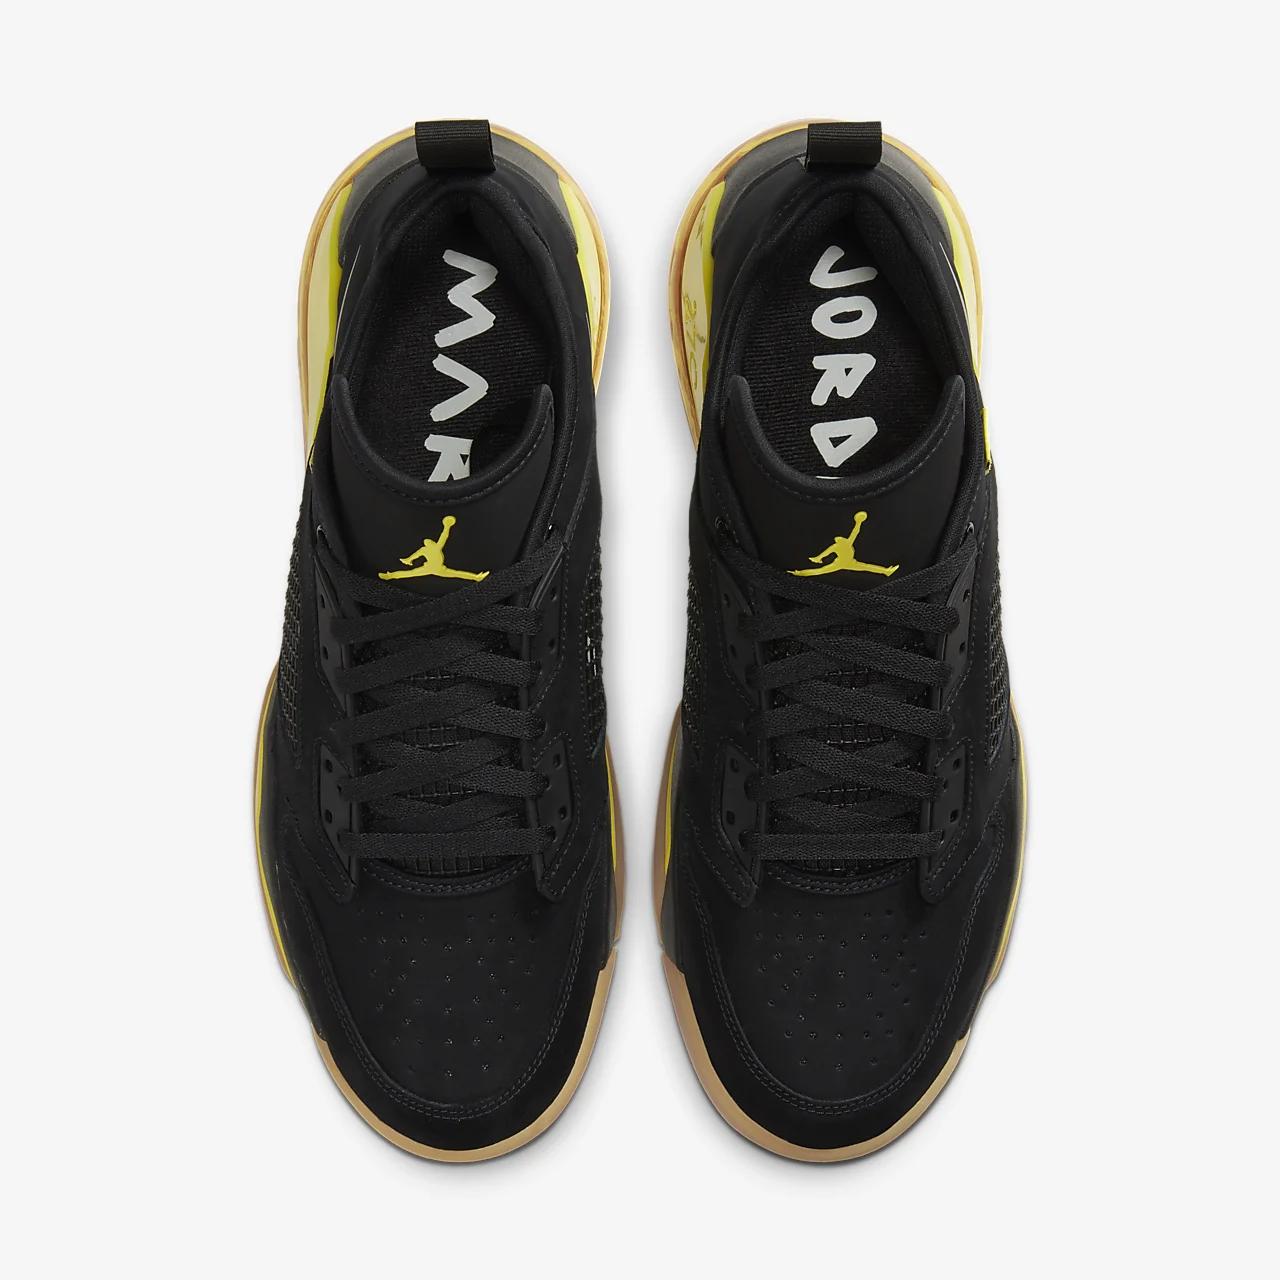 유럽직배송 나이키 NIKE Jordan Mars 270 Low Men's Shoe CK1196-007